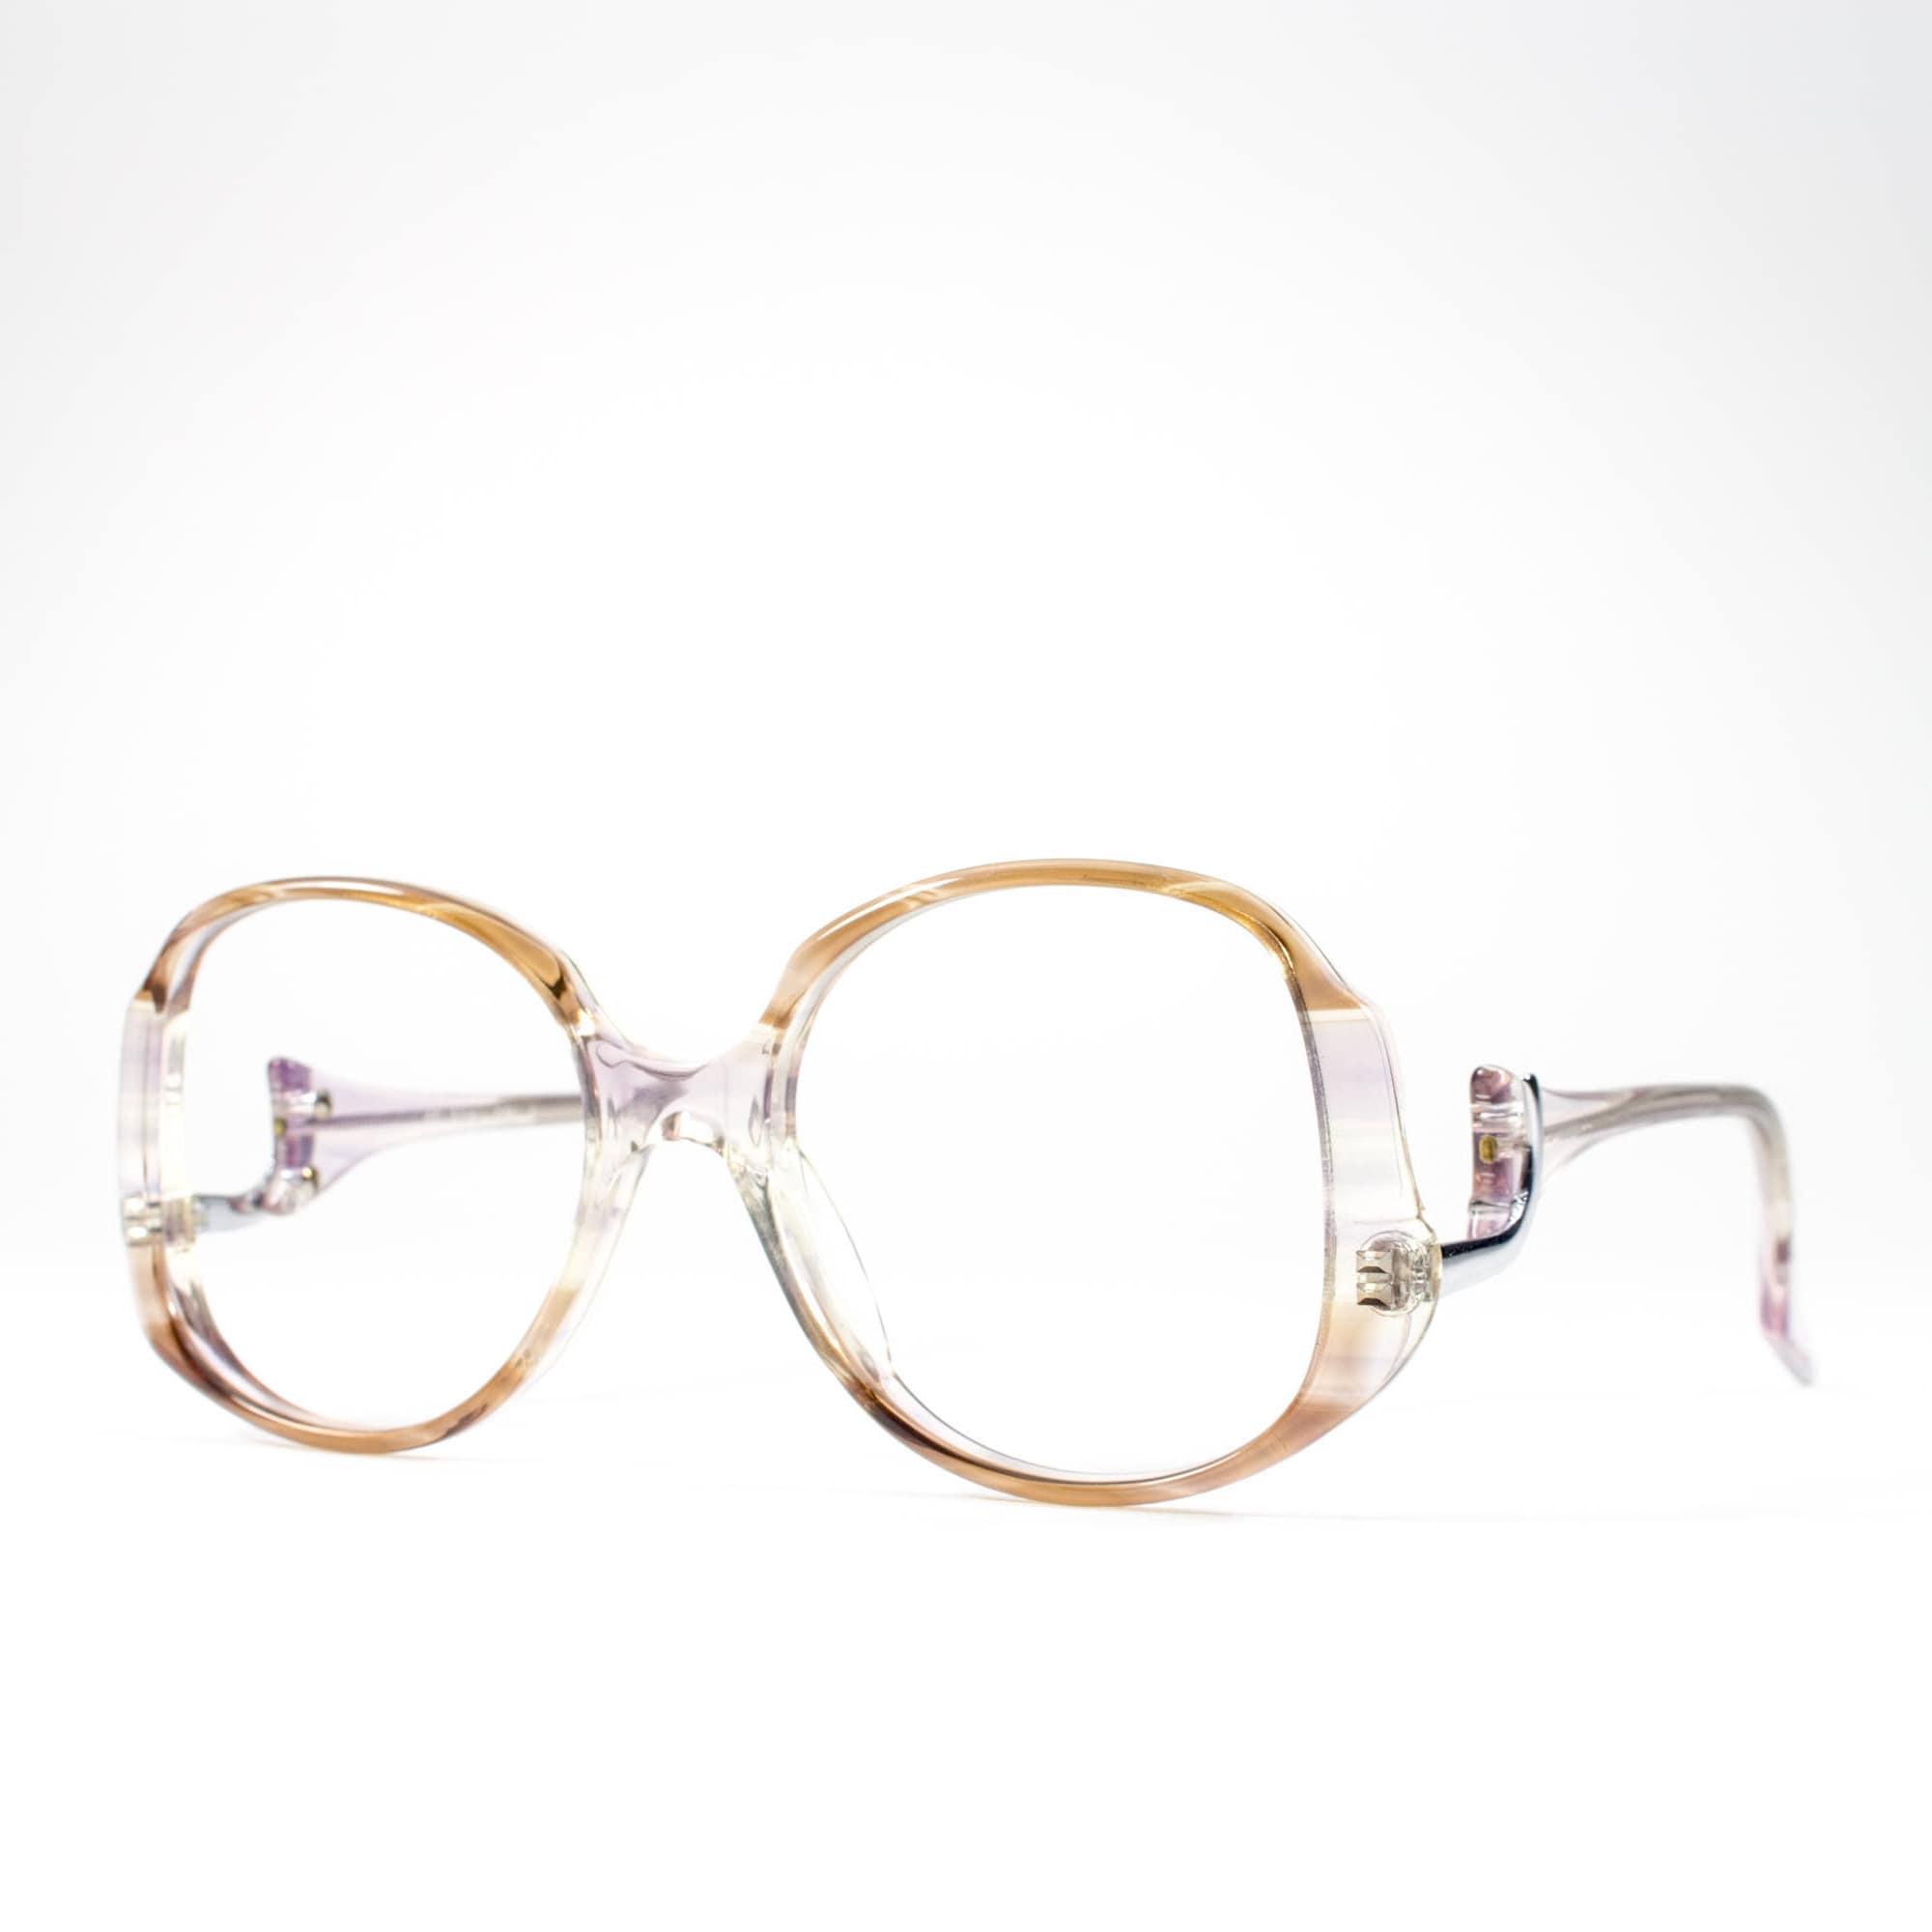 5d9ae5715b49 1970s Eyeglasses